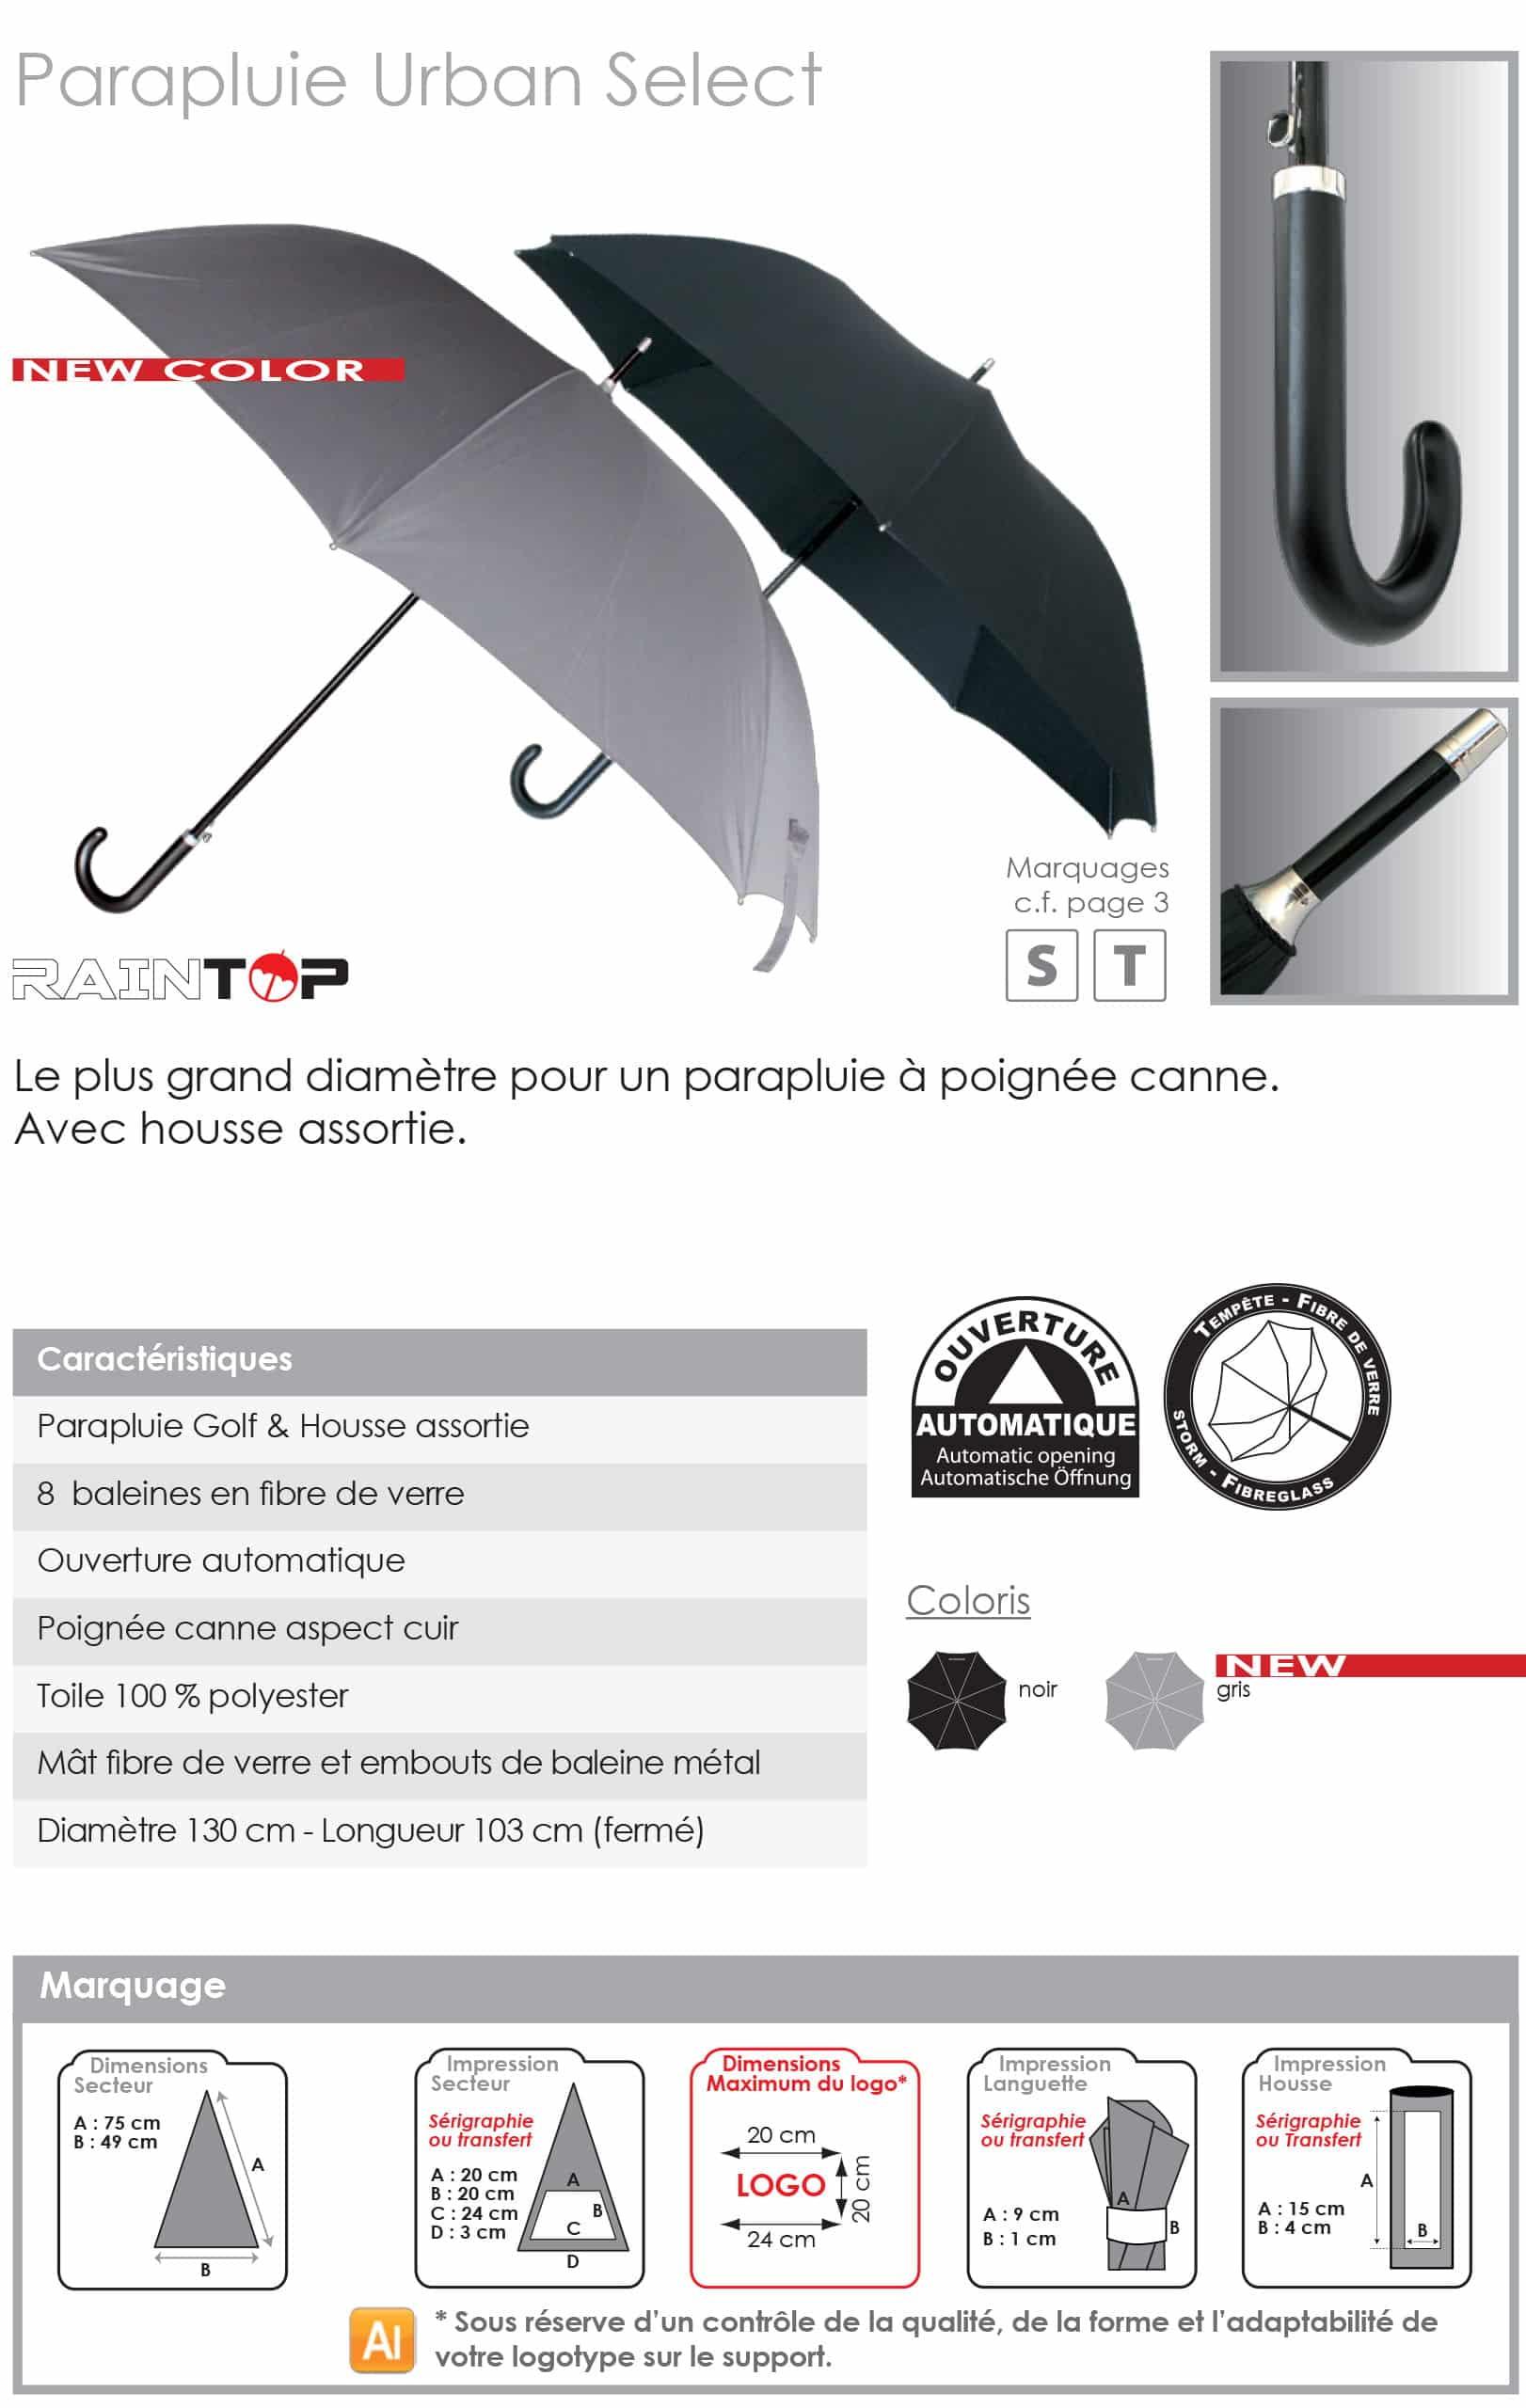 parapluies publicitaires sport golf